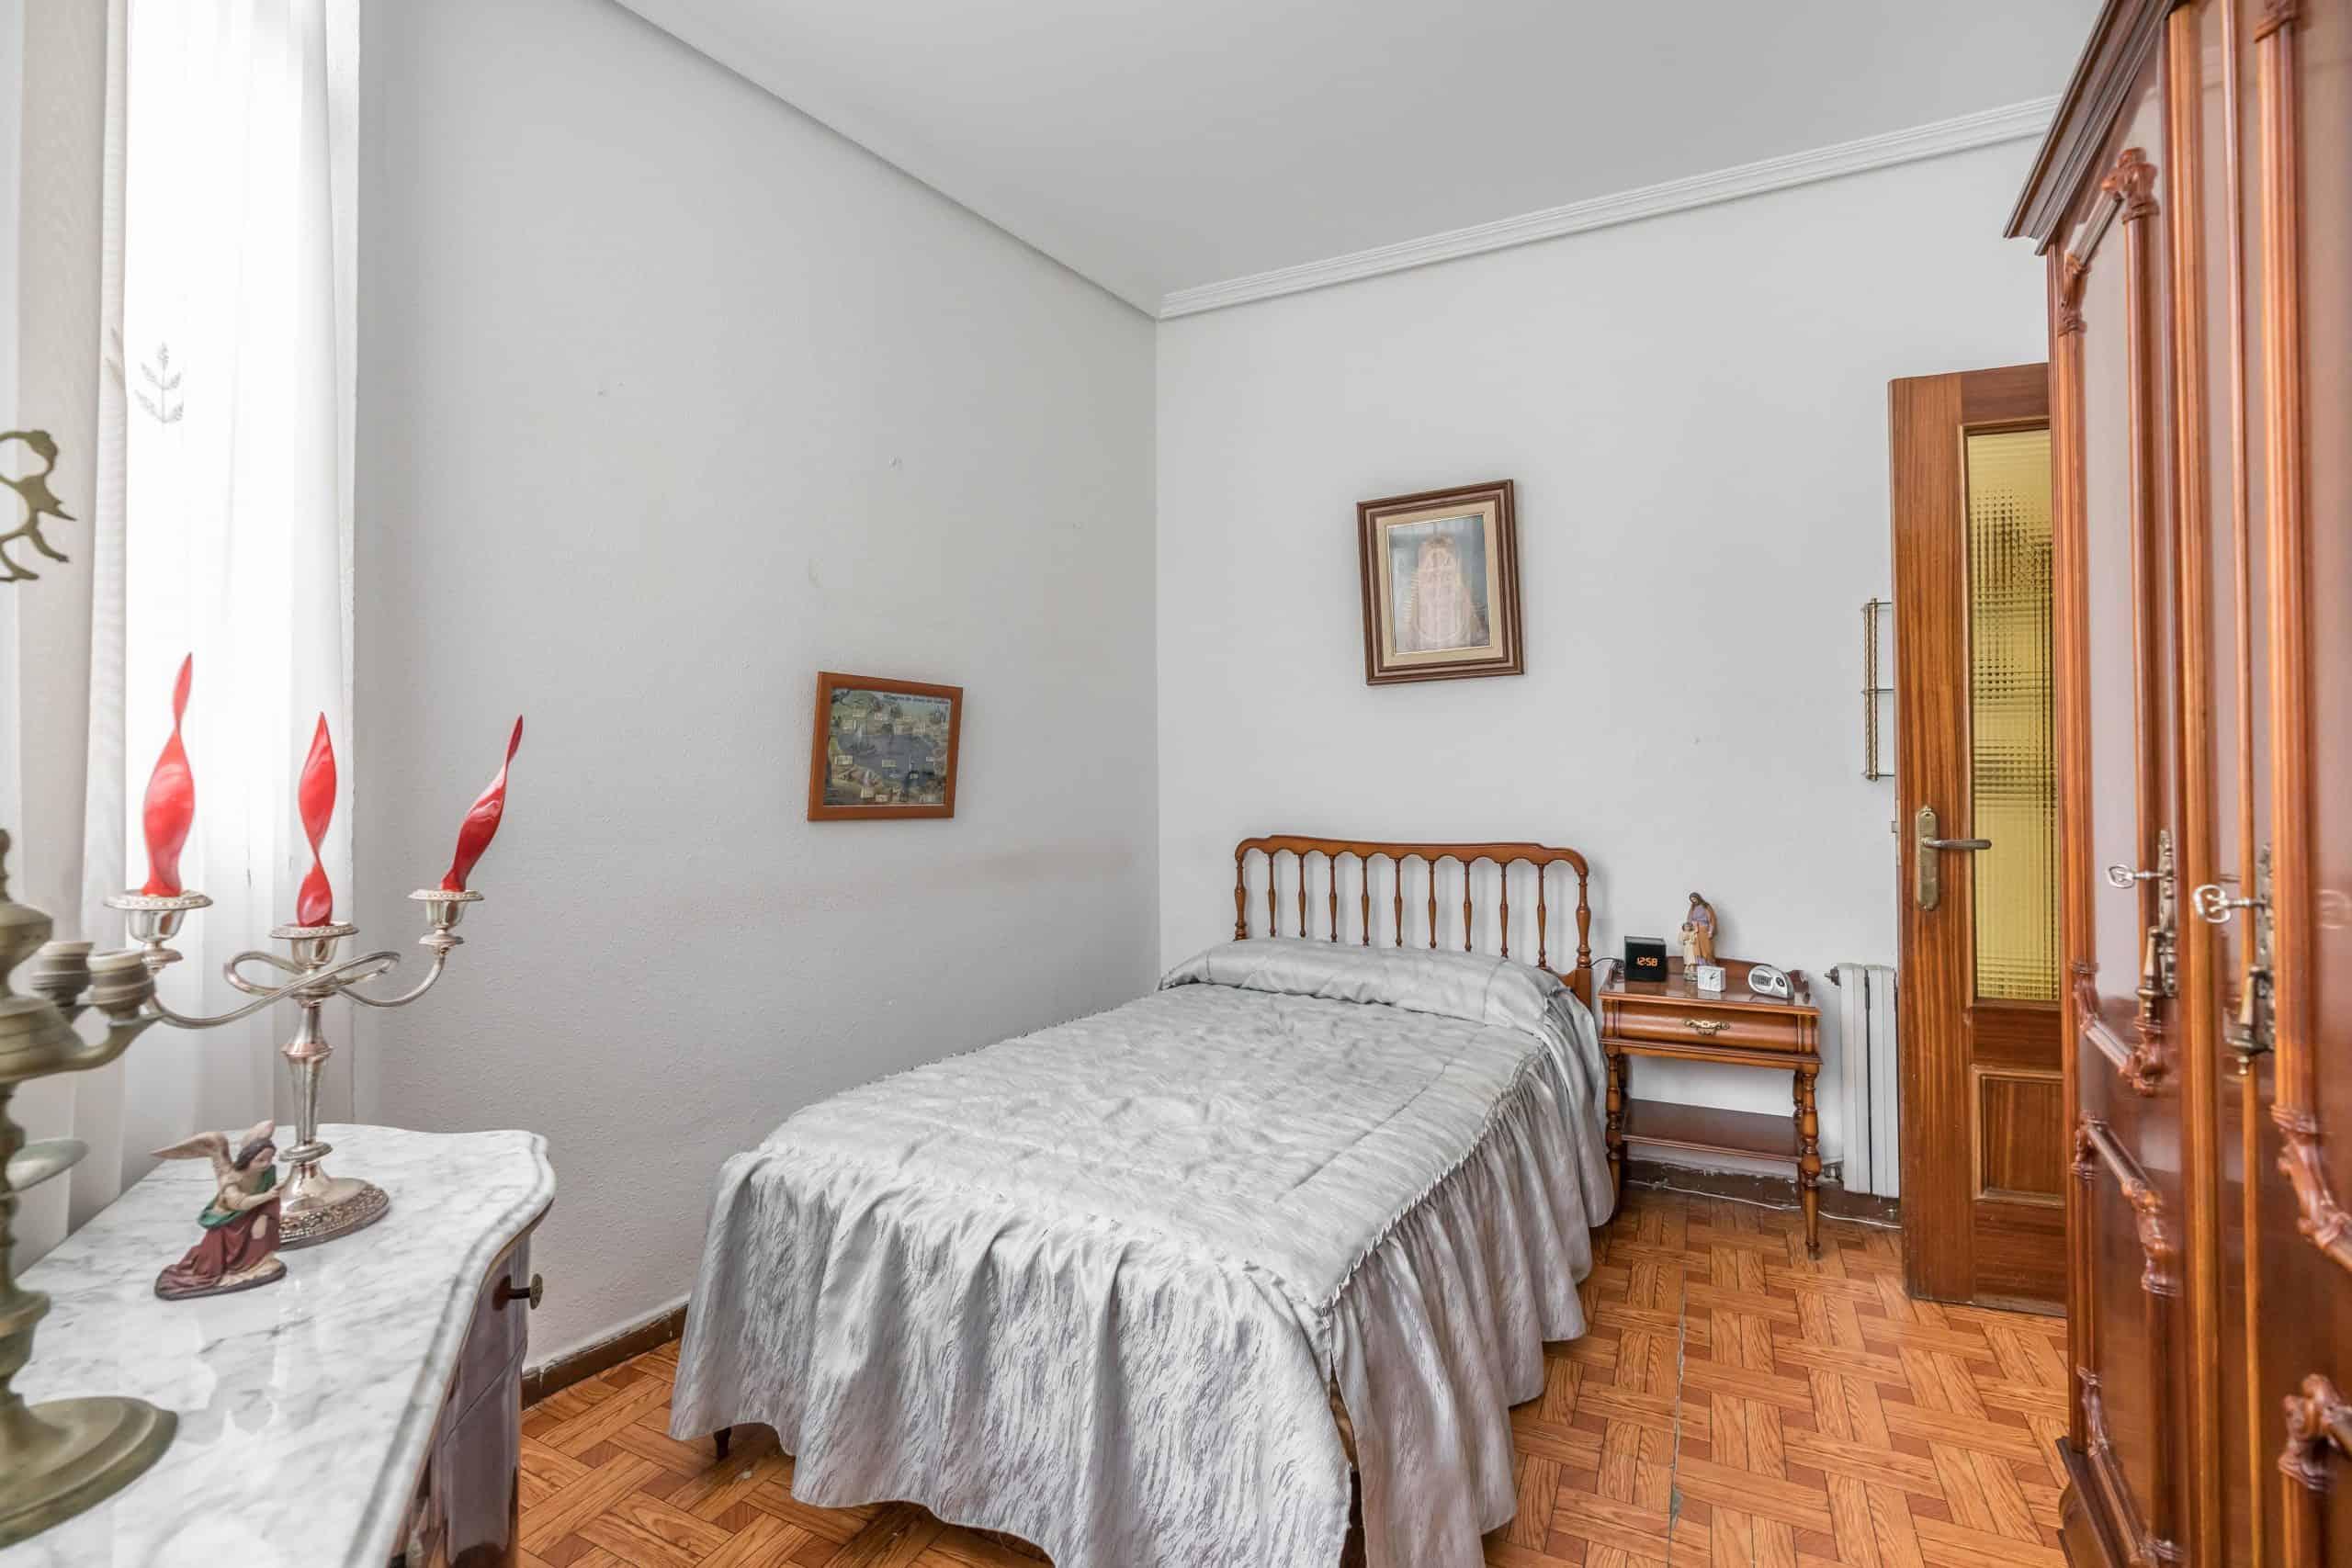 Agencia Inmobiliaria de Madrid-FUTUROCASA-Zona ARGANZUELA-LEGAZPI -calle Jaime Conquistador 27- Habitación 3